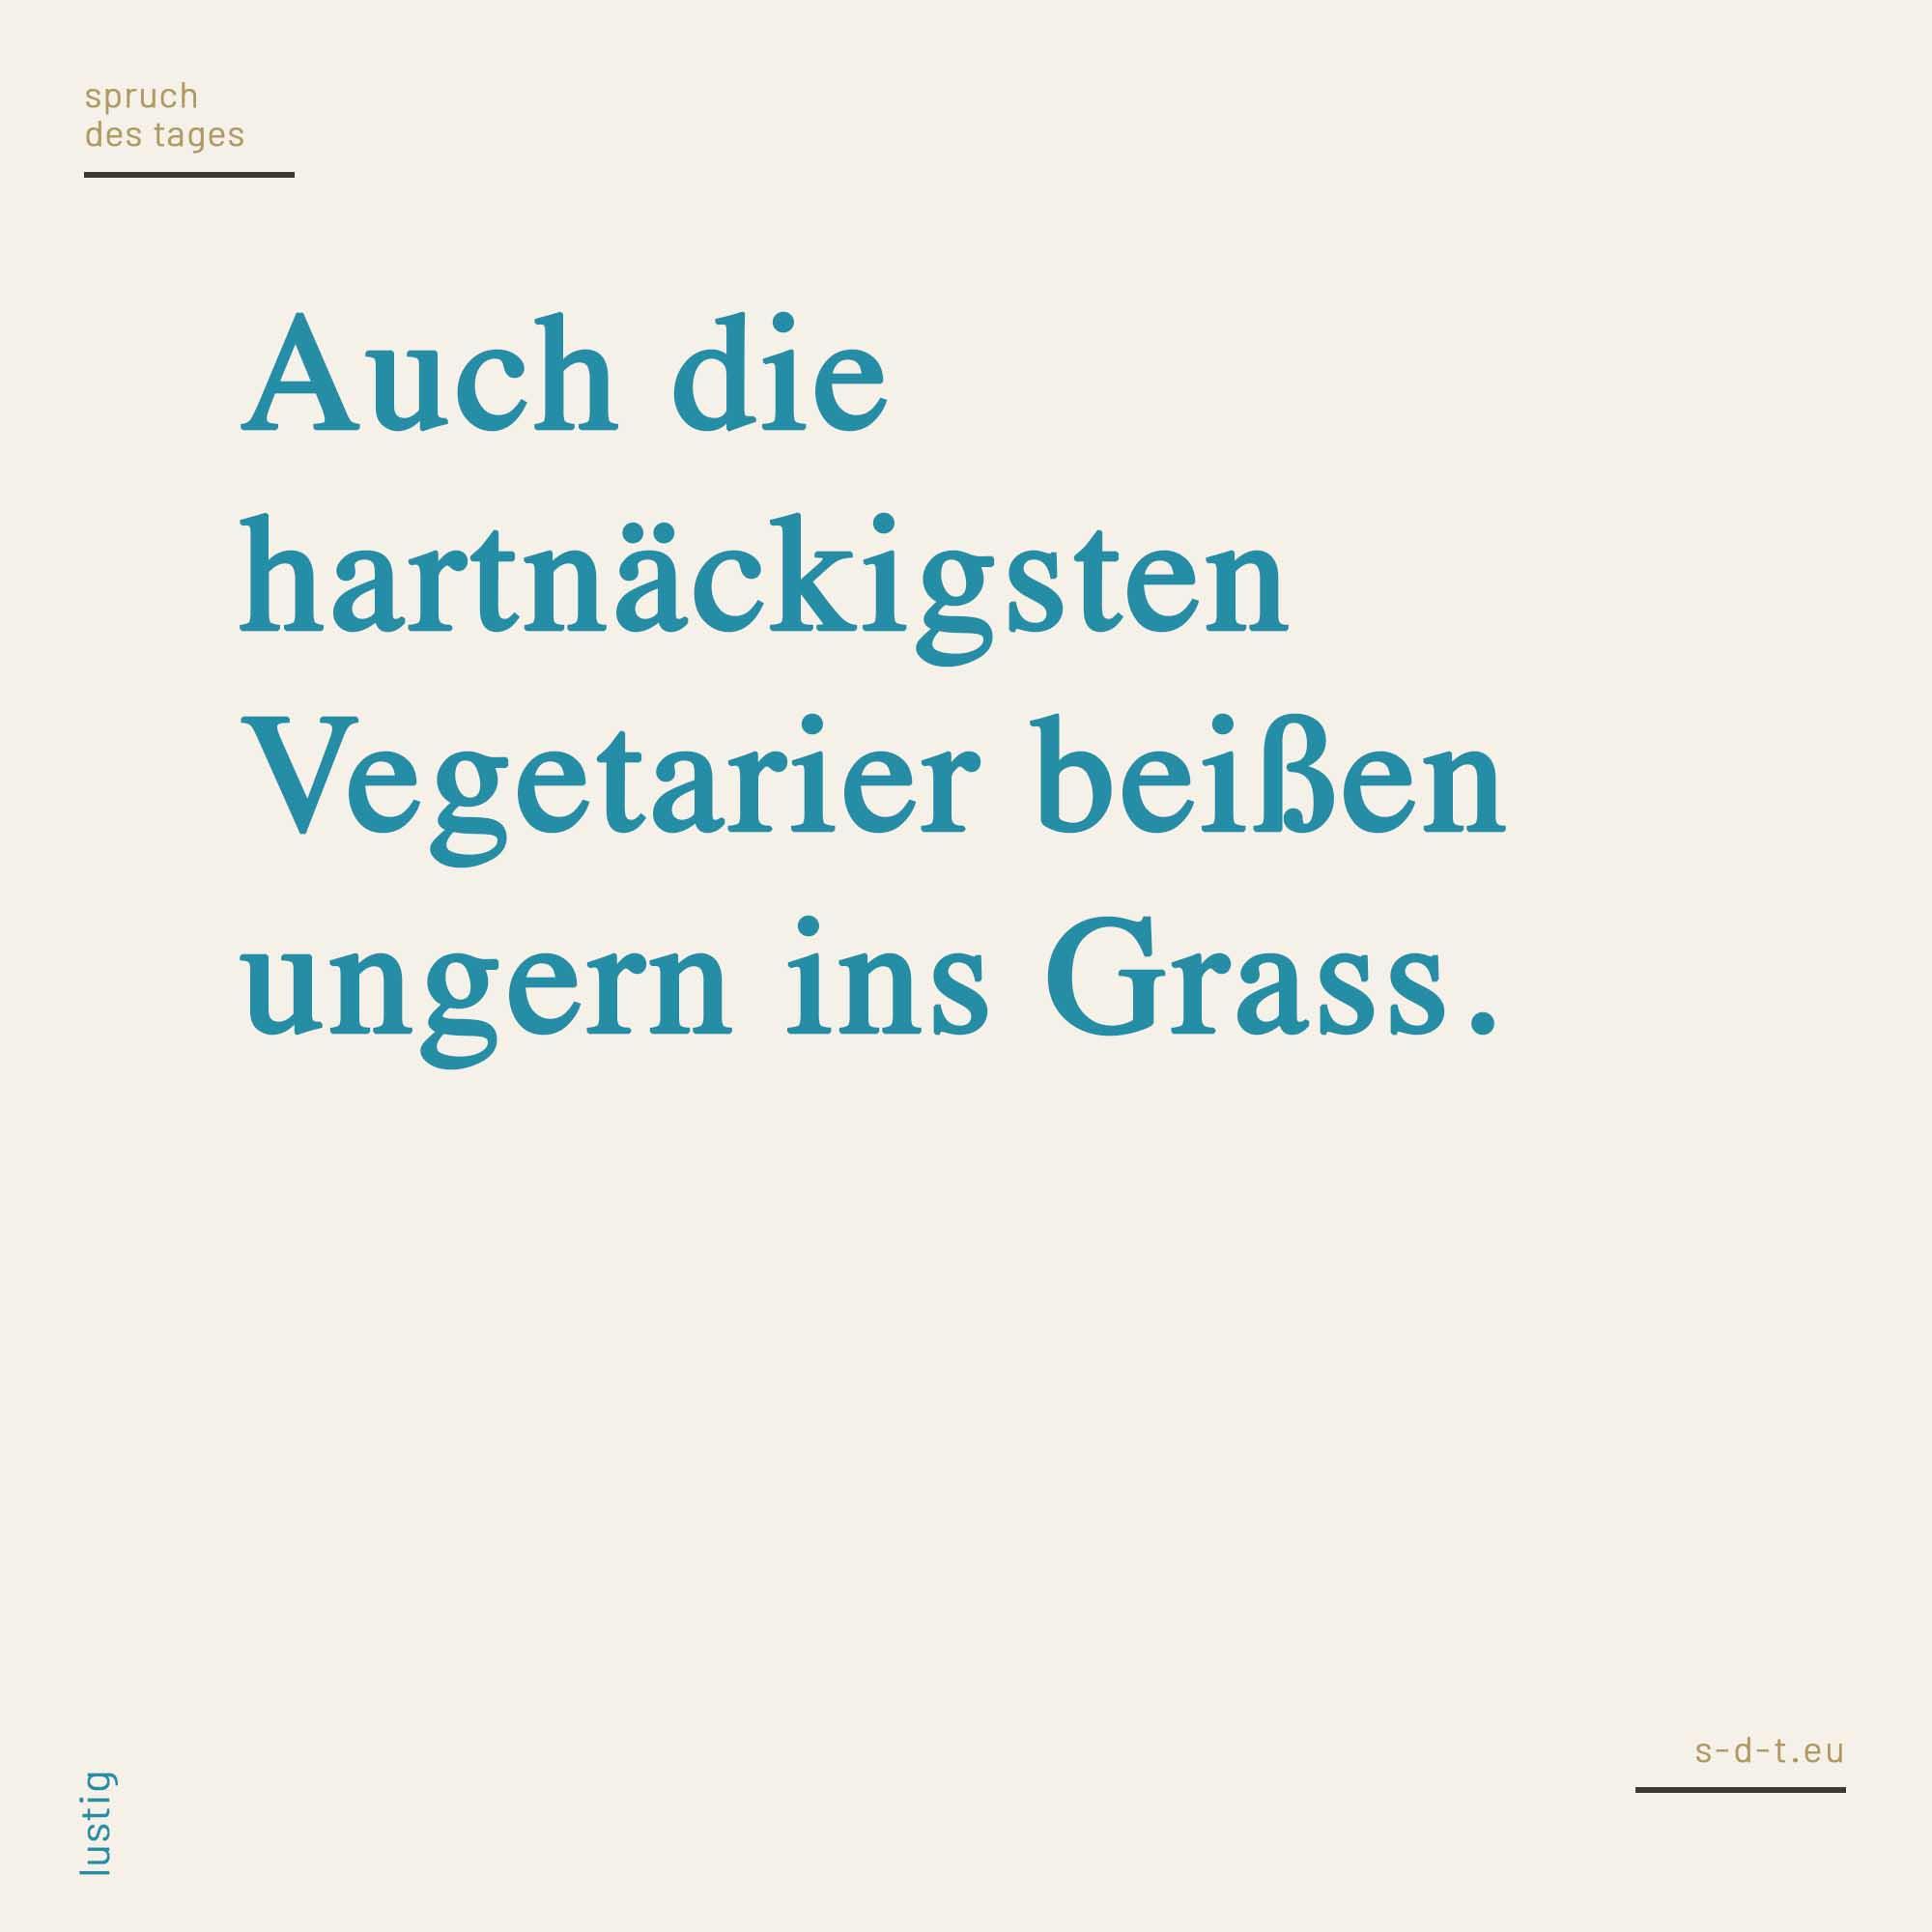 Auch Die Hartnackigsten Vegetarier Beissen Ungern Ins Grass Spruch